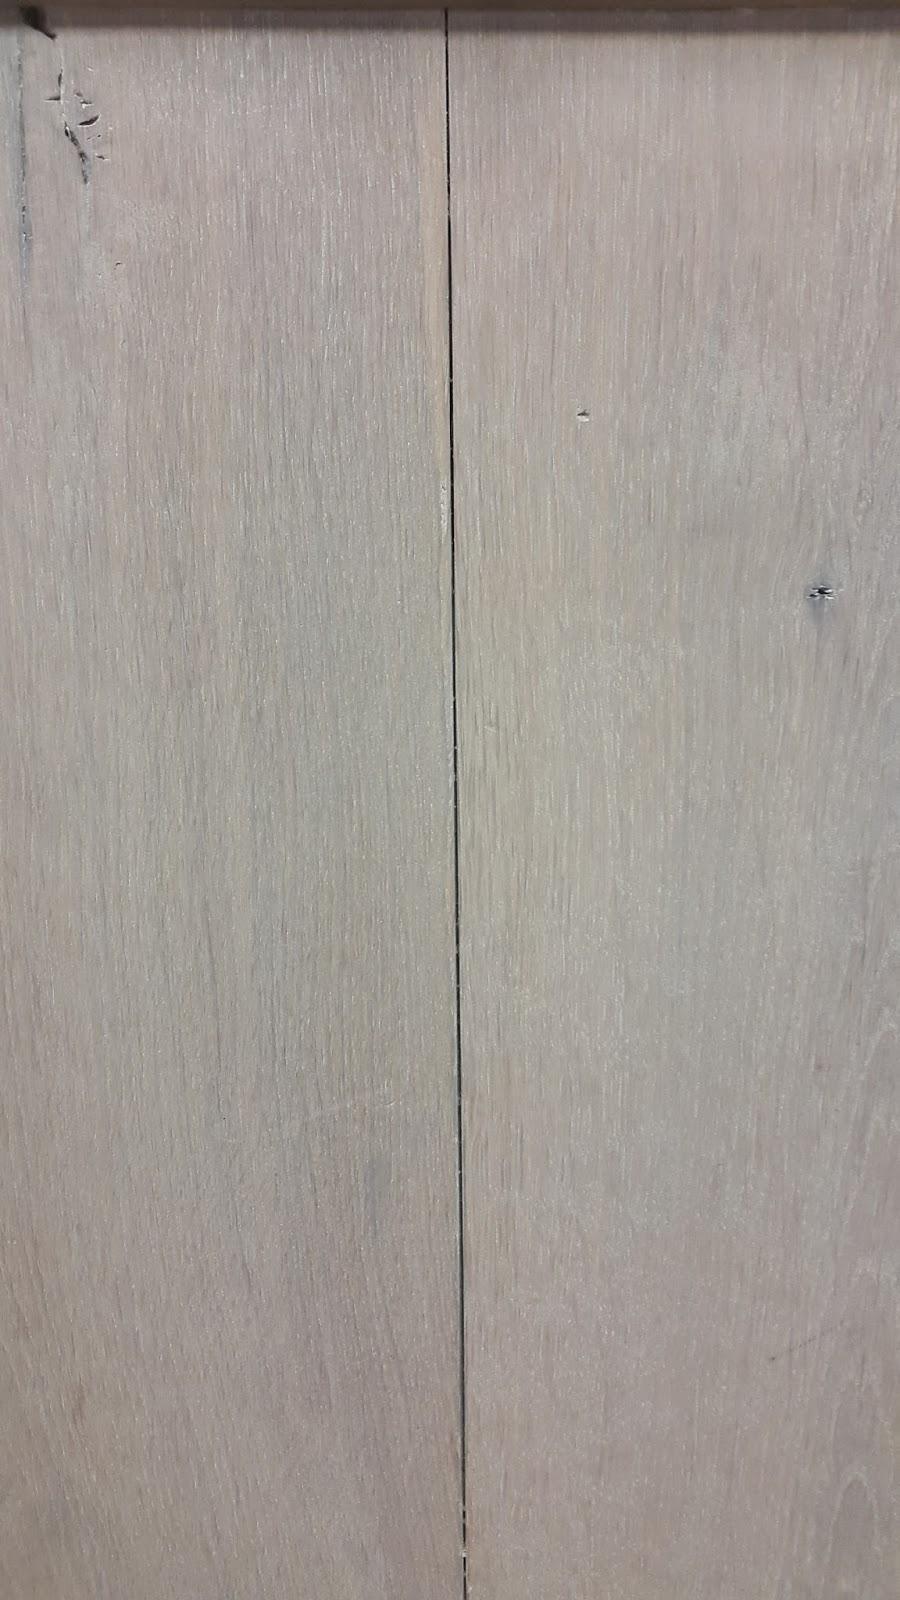 Eiken Keuken Lichter Maken : Donkere houten vloer lichter maken Houten vloeren Fairwood